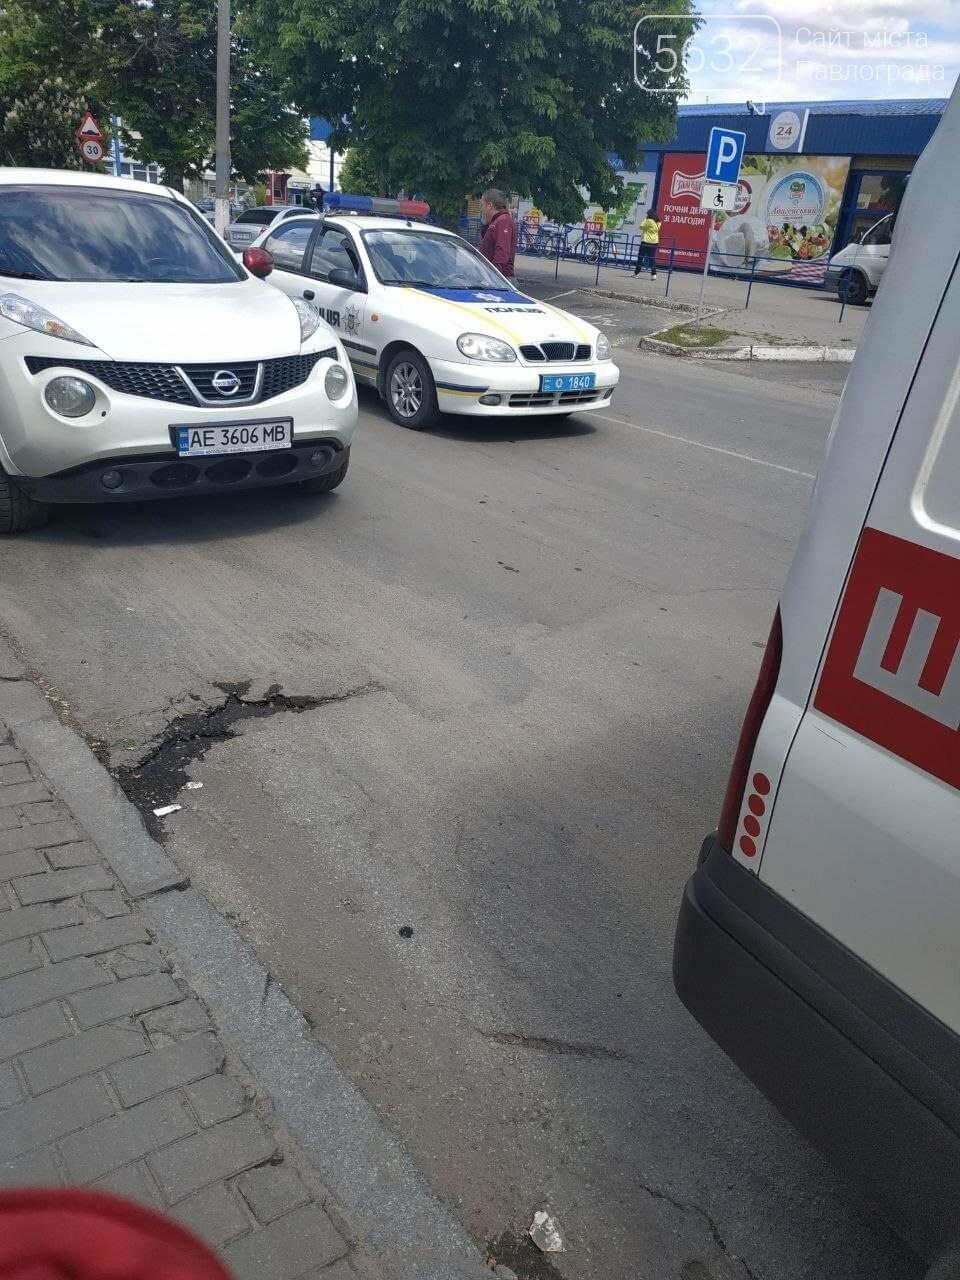 Перебегал дорогу в неустановленном месте: в Павлограде мальчик едва не погиб под колёсами автомобиля, фото-5